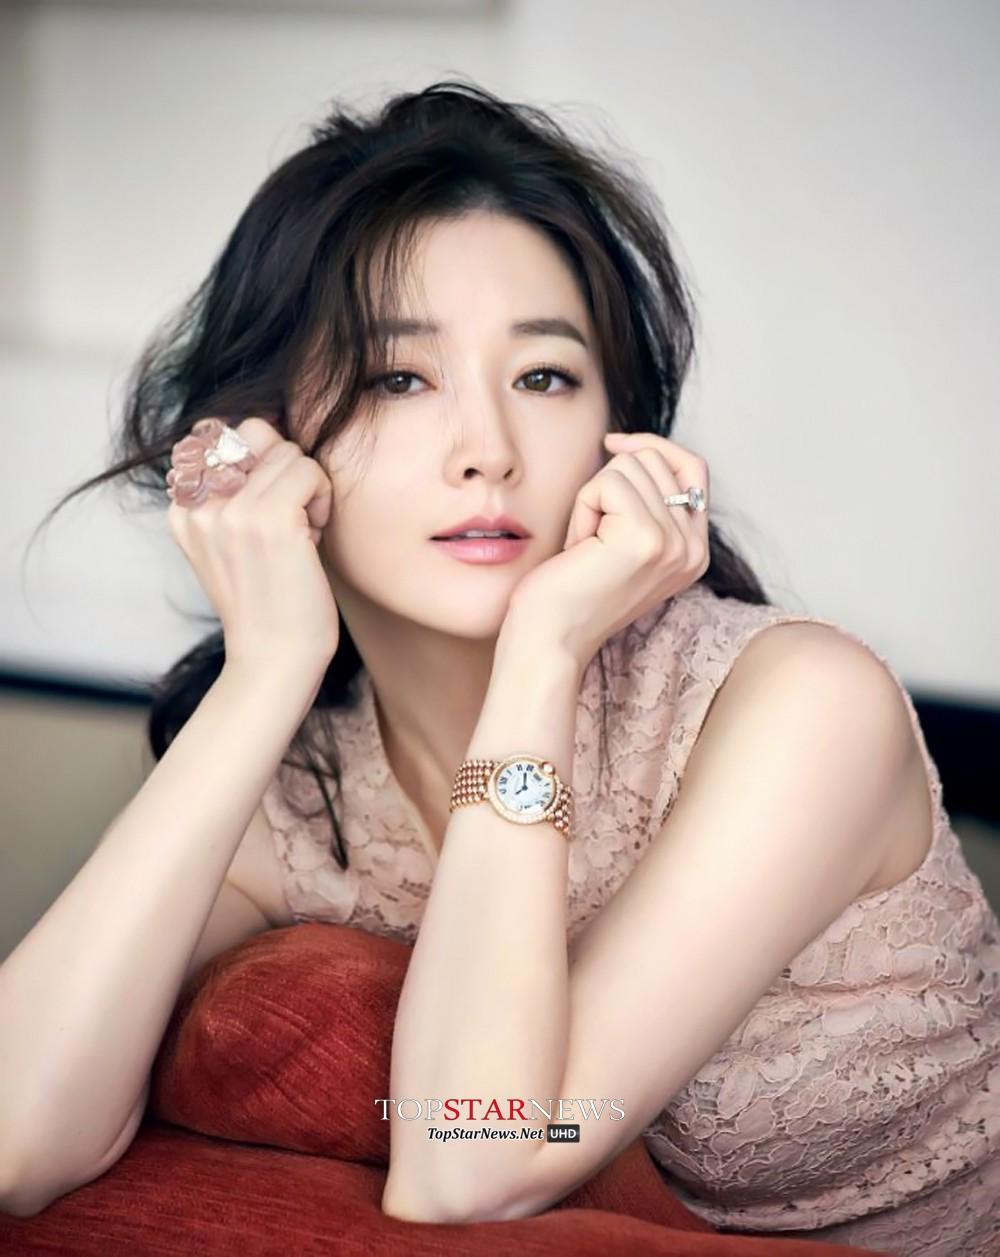 Những lần bóc mẽ nhan sắc gây sốc của các nam thần, nữ thần xứ Hàn: Vấn đề chủ yếu ở làn da và phần cằm - Ảnh 29.